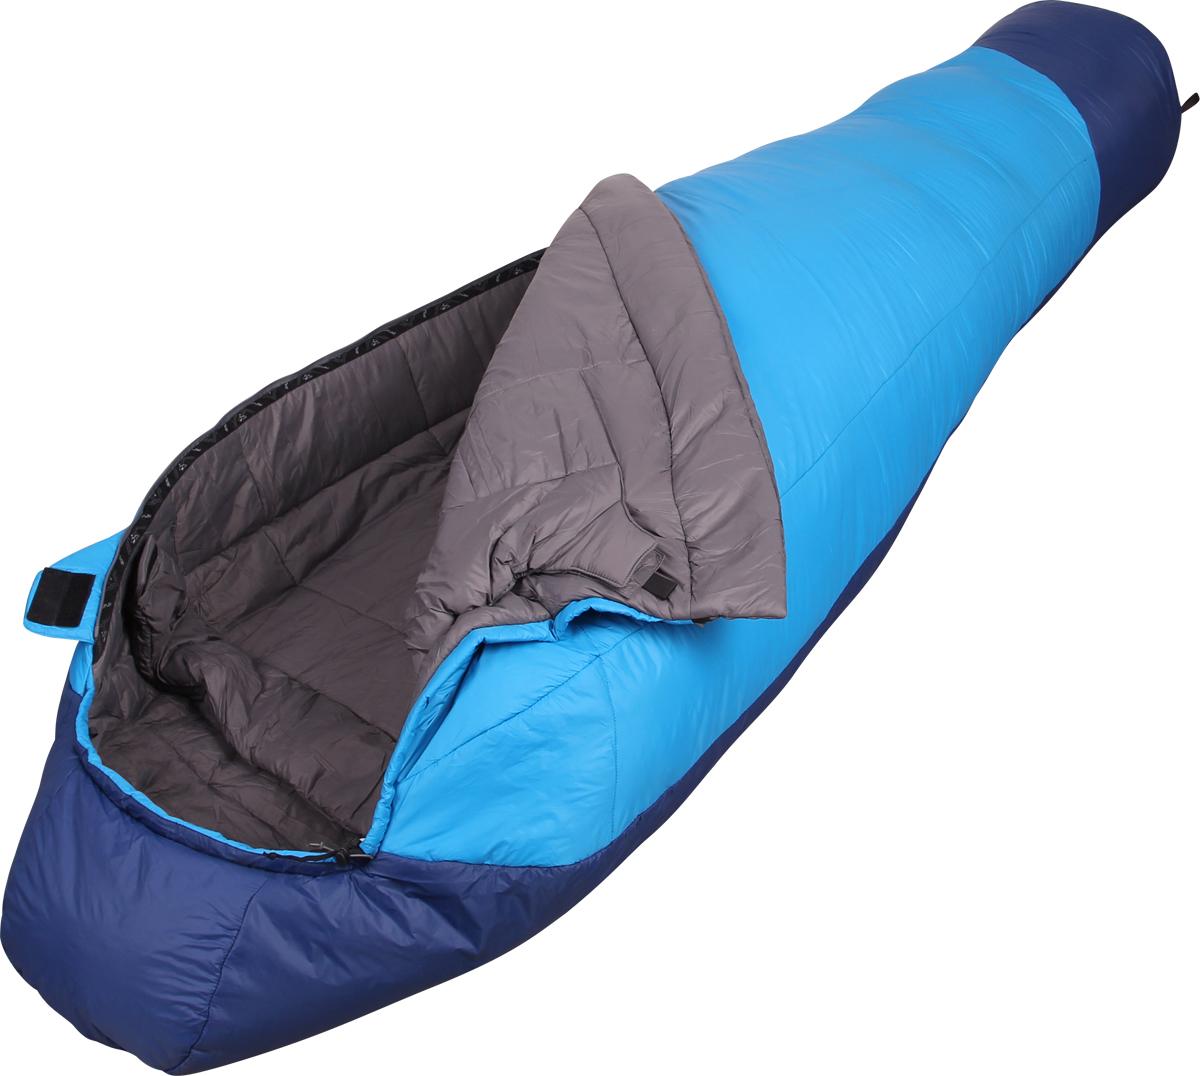 Мешок спальный Сплав Fantasy 233, правосторонняя молния, цвет: голубой, 220 x 85 x 55 см4505162Сплав Fantasy 233 - теплый комфортный спальный мешок.Тип конструкции: кокон.Внутренний кармашек на молнии.Карман под подушку.Удобный кармашек для шнура шейного пакета.Молния - разъемная, двухсторонняя.Молния боковая, смещенная к верхней части спальника.Выпускаются модификации с правой и левой молнией.Утепленный шейный пакет без холодных швов.Утепленная защитная подпланка молнии.Петли для просушки.Возможность использования внутреннего вкладыша для продления срока службы спального мешка.Упаковка: компрессионный мешок в комплекте.Для точного подбора удобного спальника рекомендуем при покупке спальные мешки примерять.Внимание! длительное хранение в сжатом виде не рекомендуется.Температурный режим:Комфорт: +3… -2° С.Экстрим: -18° С.Спальный мешок имеет международный сертификат EN 13537.Габариты и вес:Размеры: 220 х 85 х 55 см (рост до 190 см).Полный вес: 1,44 кг.Минимальный вес: 1,38 кг.Размеры в упакованном виде: диаметр 24 х 44/32 см.Материалы:Внешняя ткань: Nylon 6.6 R/S 20D Down Proof Hight Density Teflon DWR Cire.Вес ткани: 32 г/м2.Дышимость ткани: 0,8 см3/см2/с.Внутренняя ткань: Nylon 20D/370T Down Proof W/R Cire.Утеплитель: Primaloft Silver.Плотность утеплителя : 100+133 г/м2 .